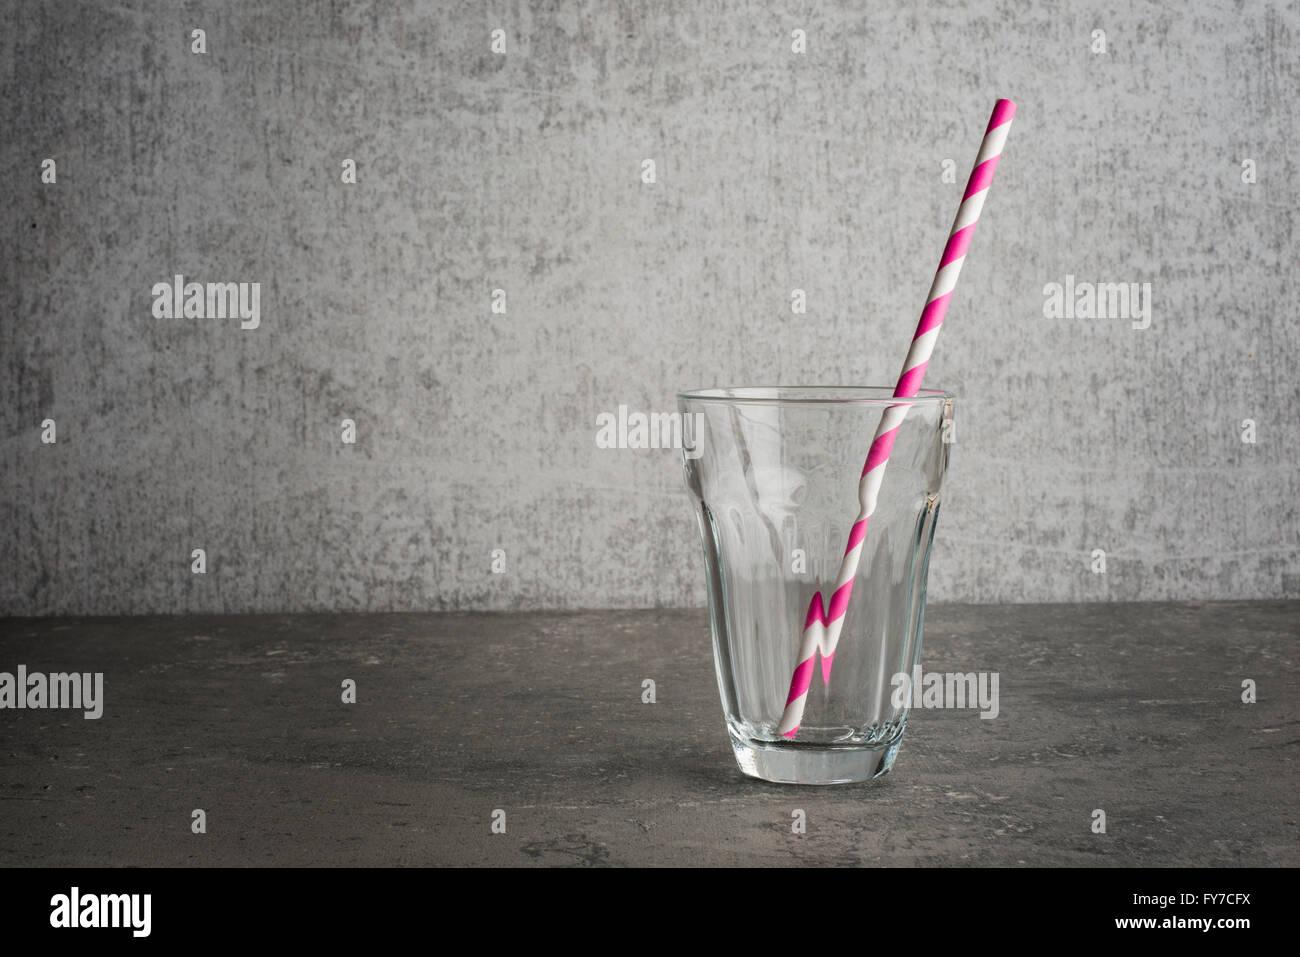 Vaso vacío con paja potable studio bodegón la paja se dividen el cristal es st ing en una mesa de piedra Imagen De Stock